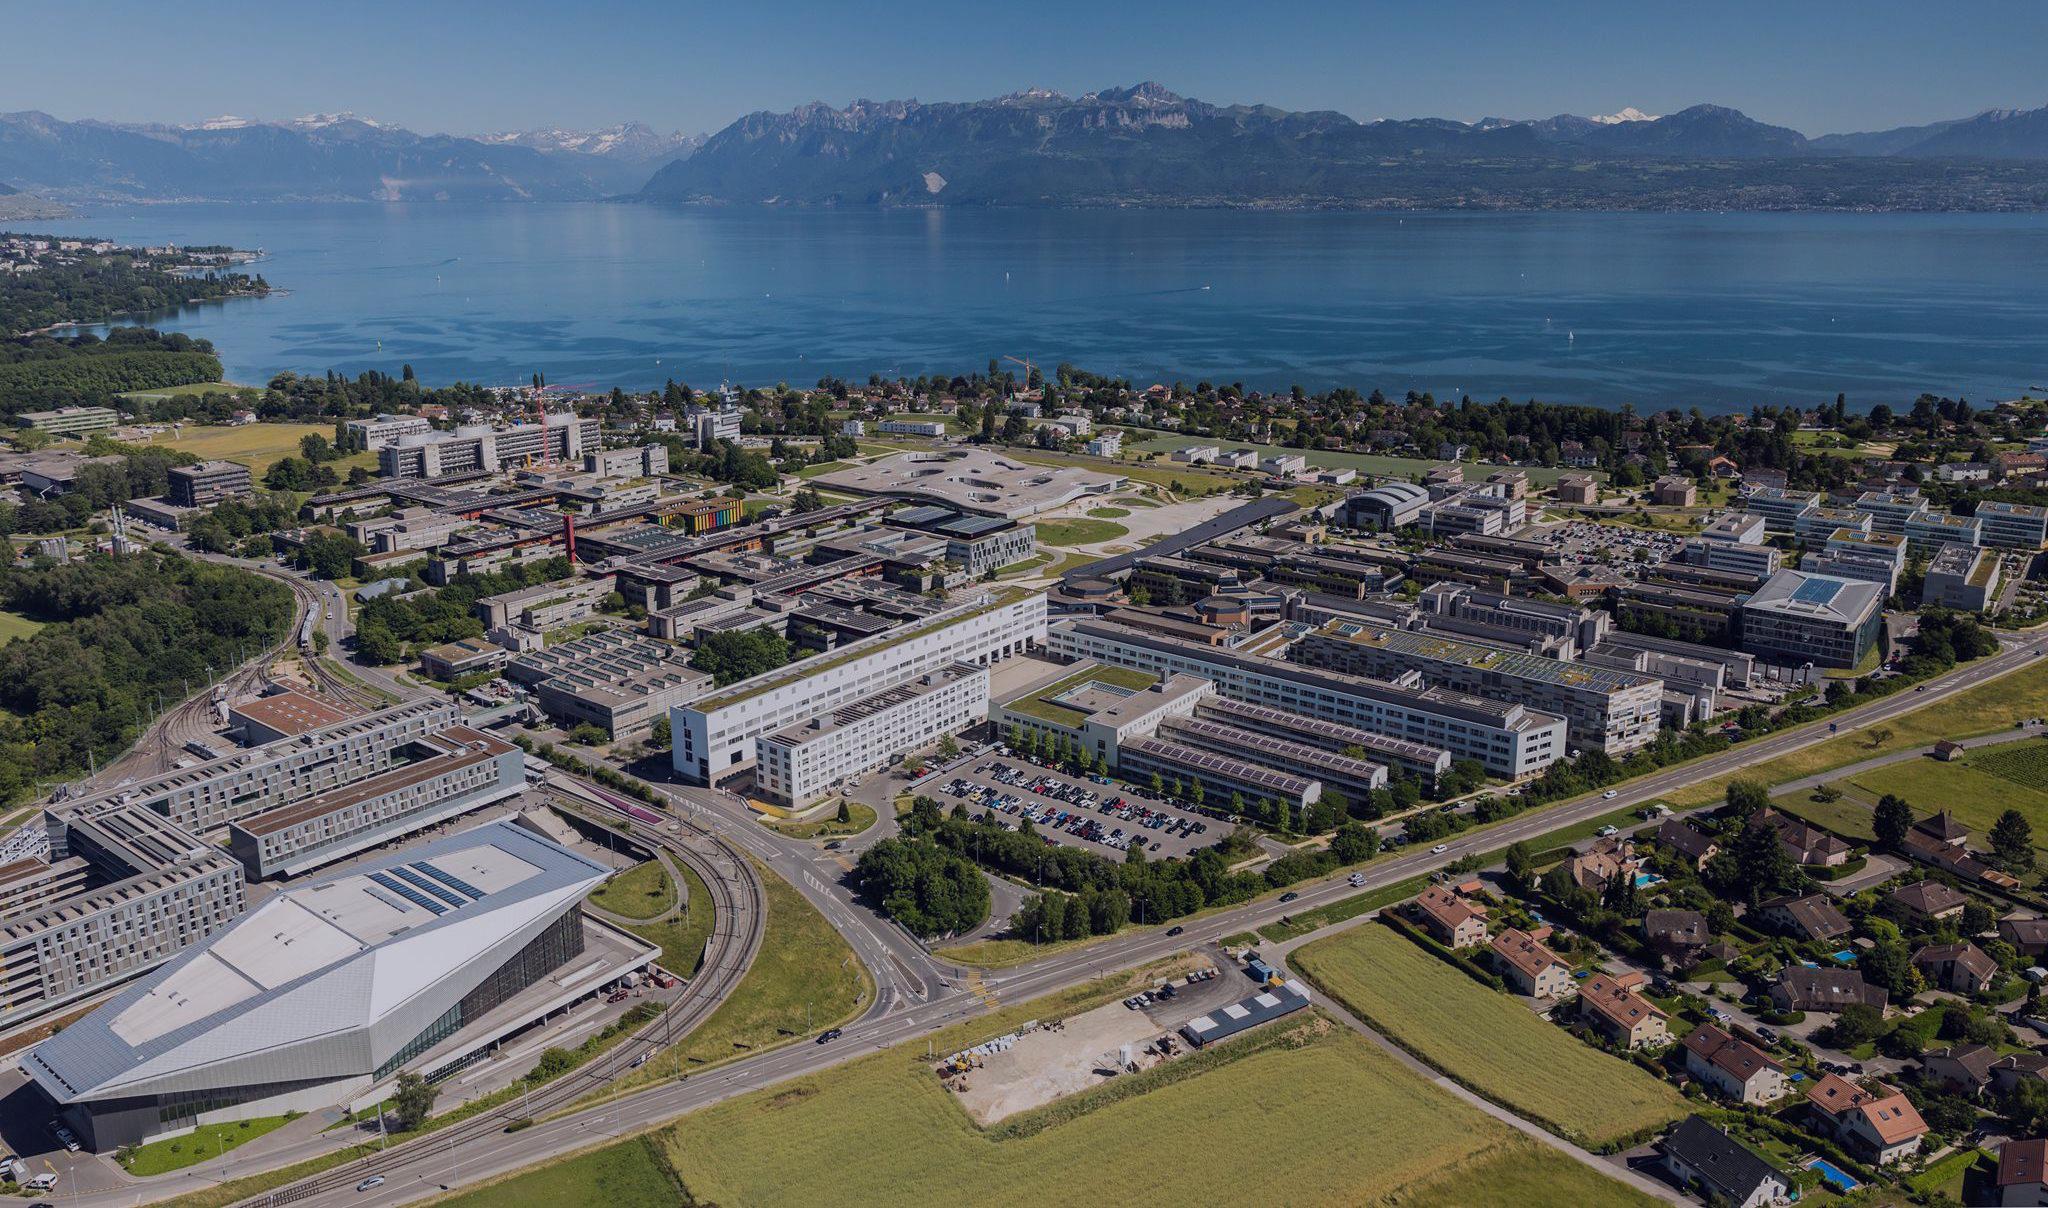 Le campus de l'EPFL vu du ciel